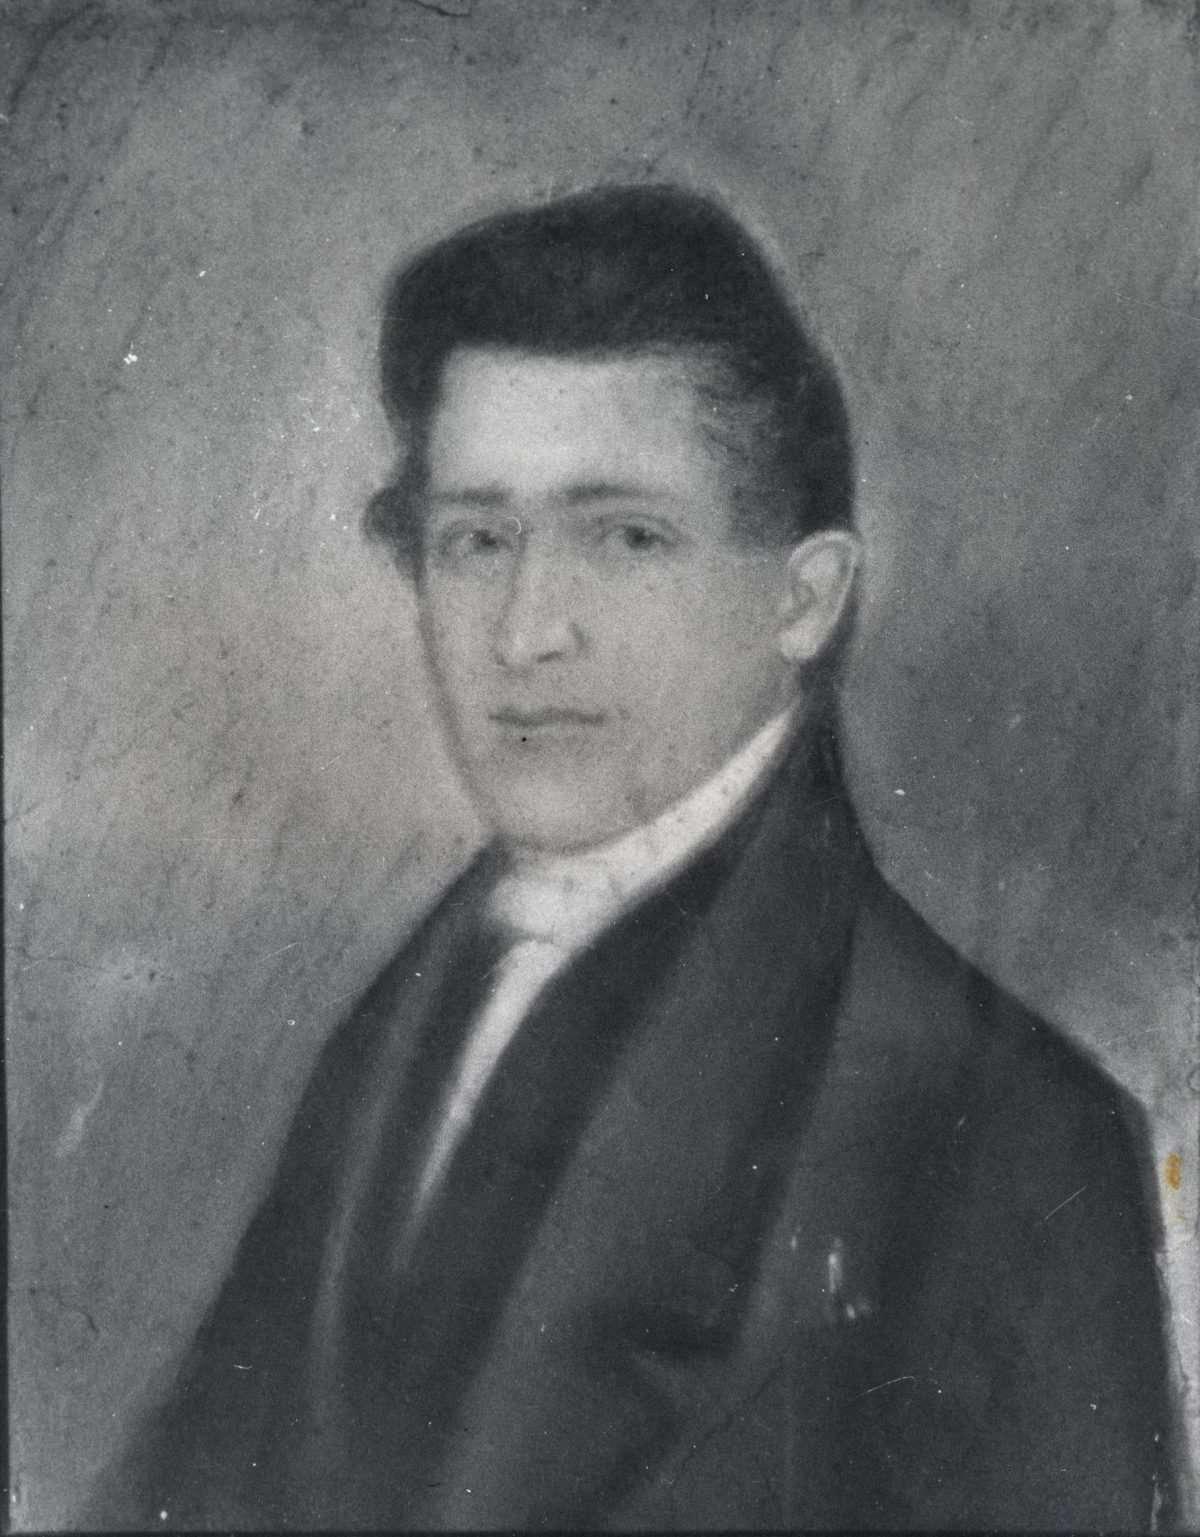 John A. G. Davis